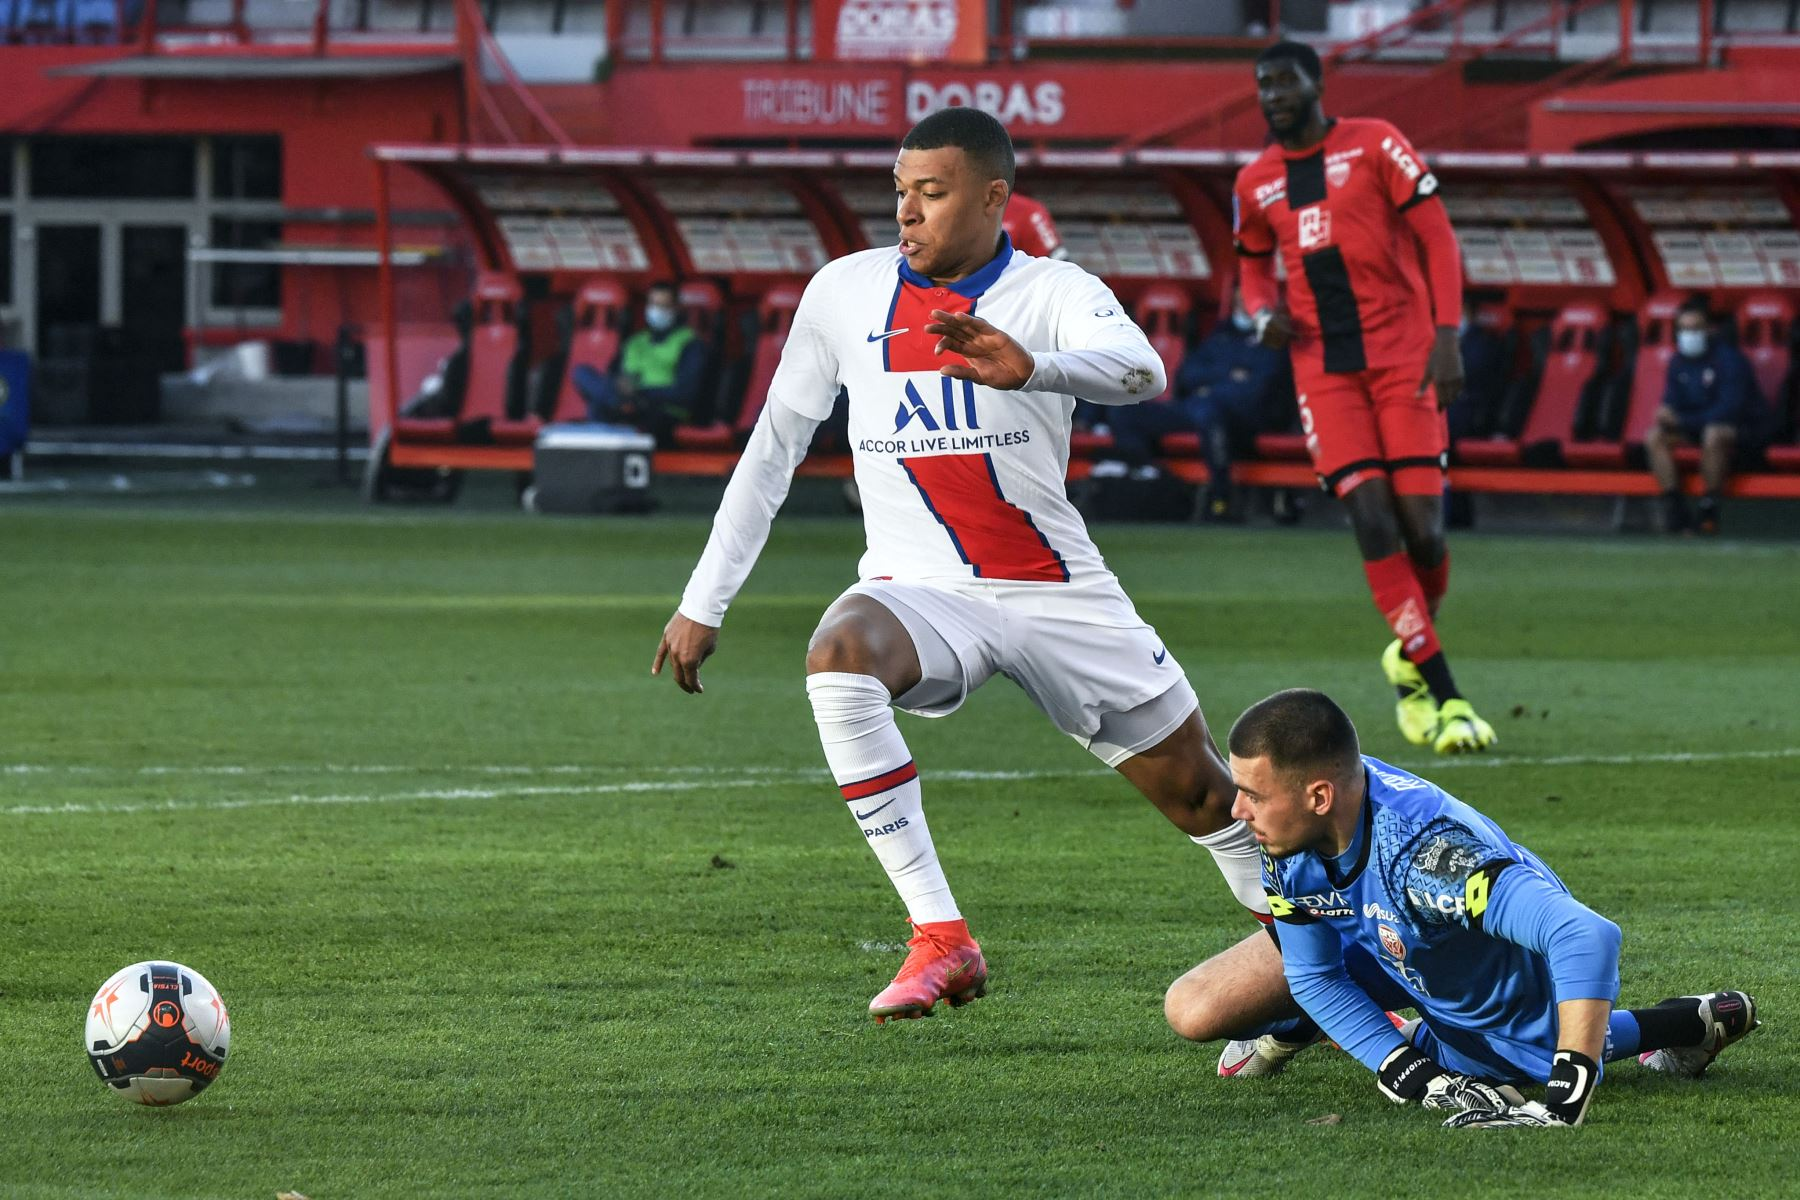 El delantero francés del Paris Saint-Germain Kylian Mbappé compite por el balón con el portero suizo de Dijon Anthony Racioppi durante el partido de fútbol francés L1 entre Dijon (DFCO) y Paris Saint-Germain (PSG). Foto: AFP